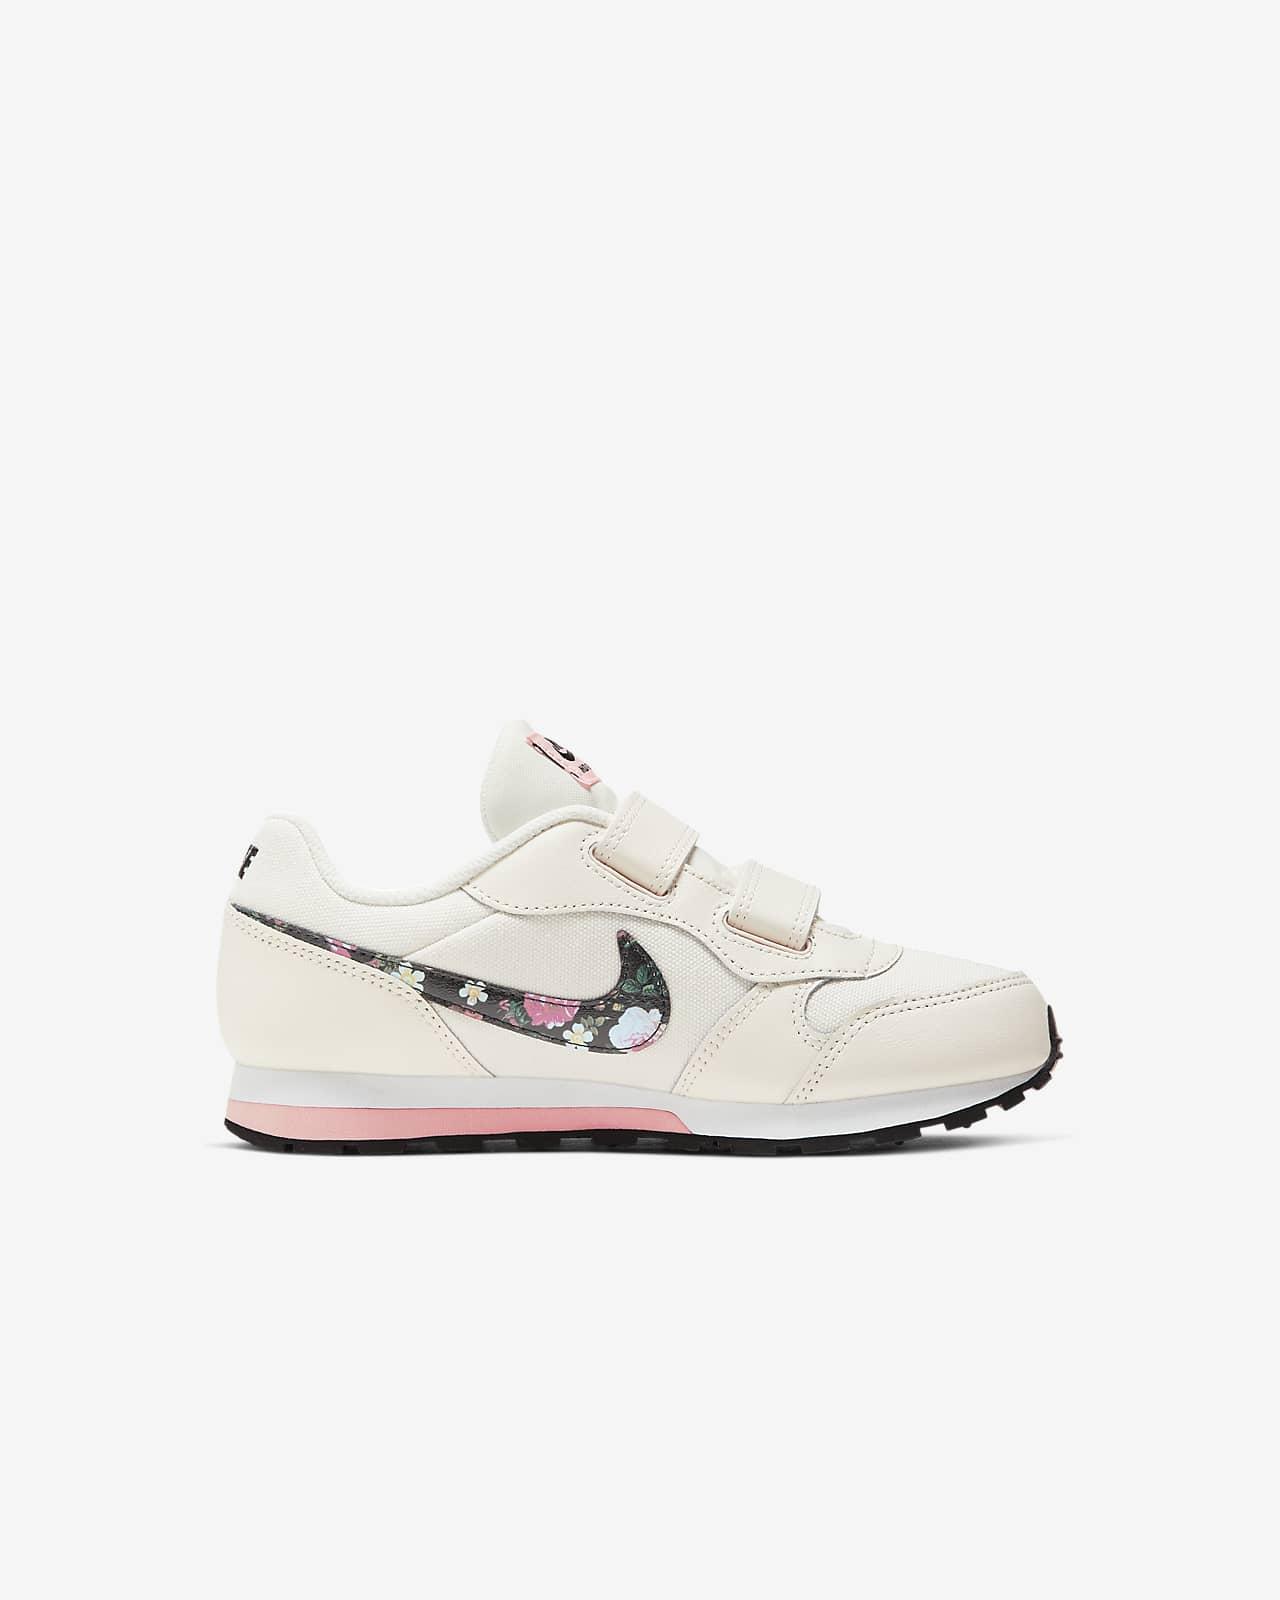 Vintage Floral Younger Kids' Shoe. Nike LU